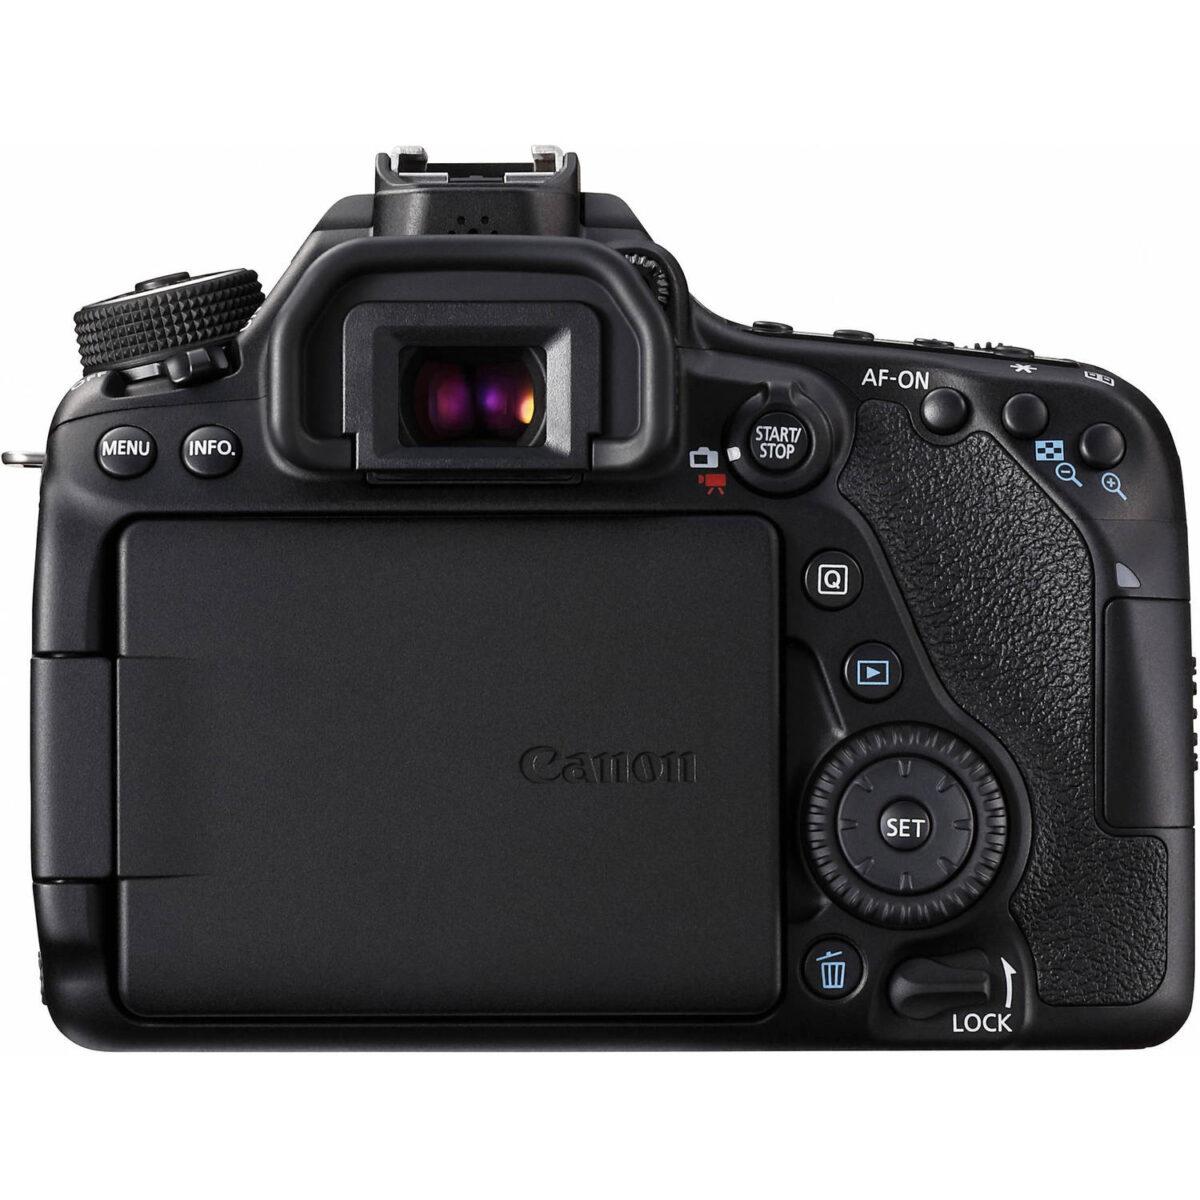 قیمت، مشخصات فنی و خرید اینترنتی دوربین دیجیتال Canon 80D در یزد کمرا